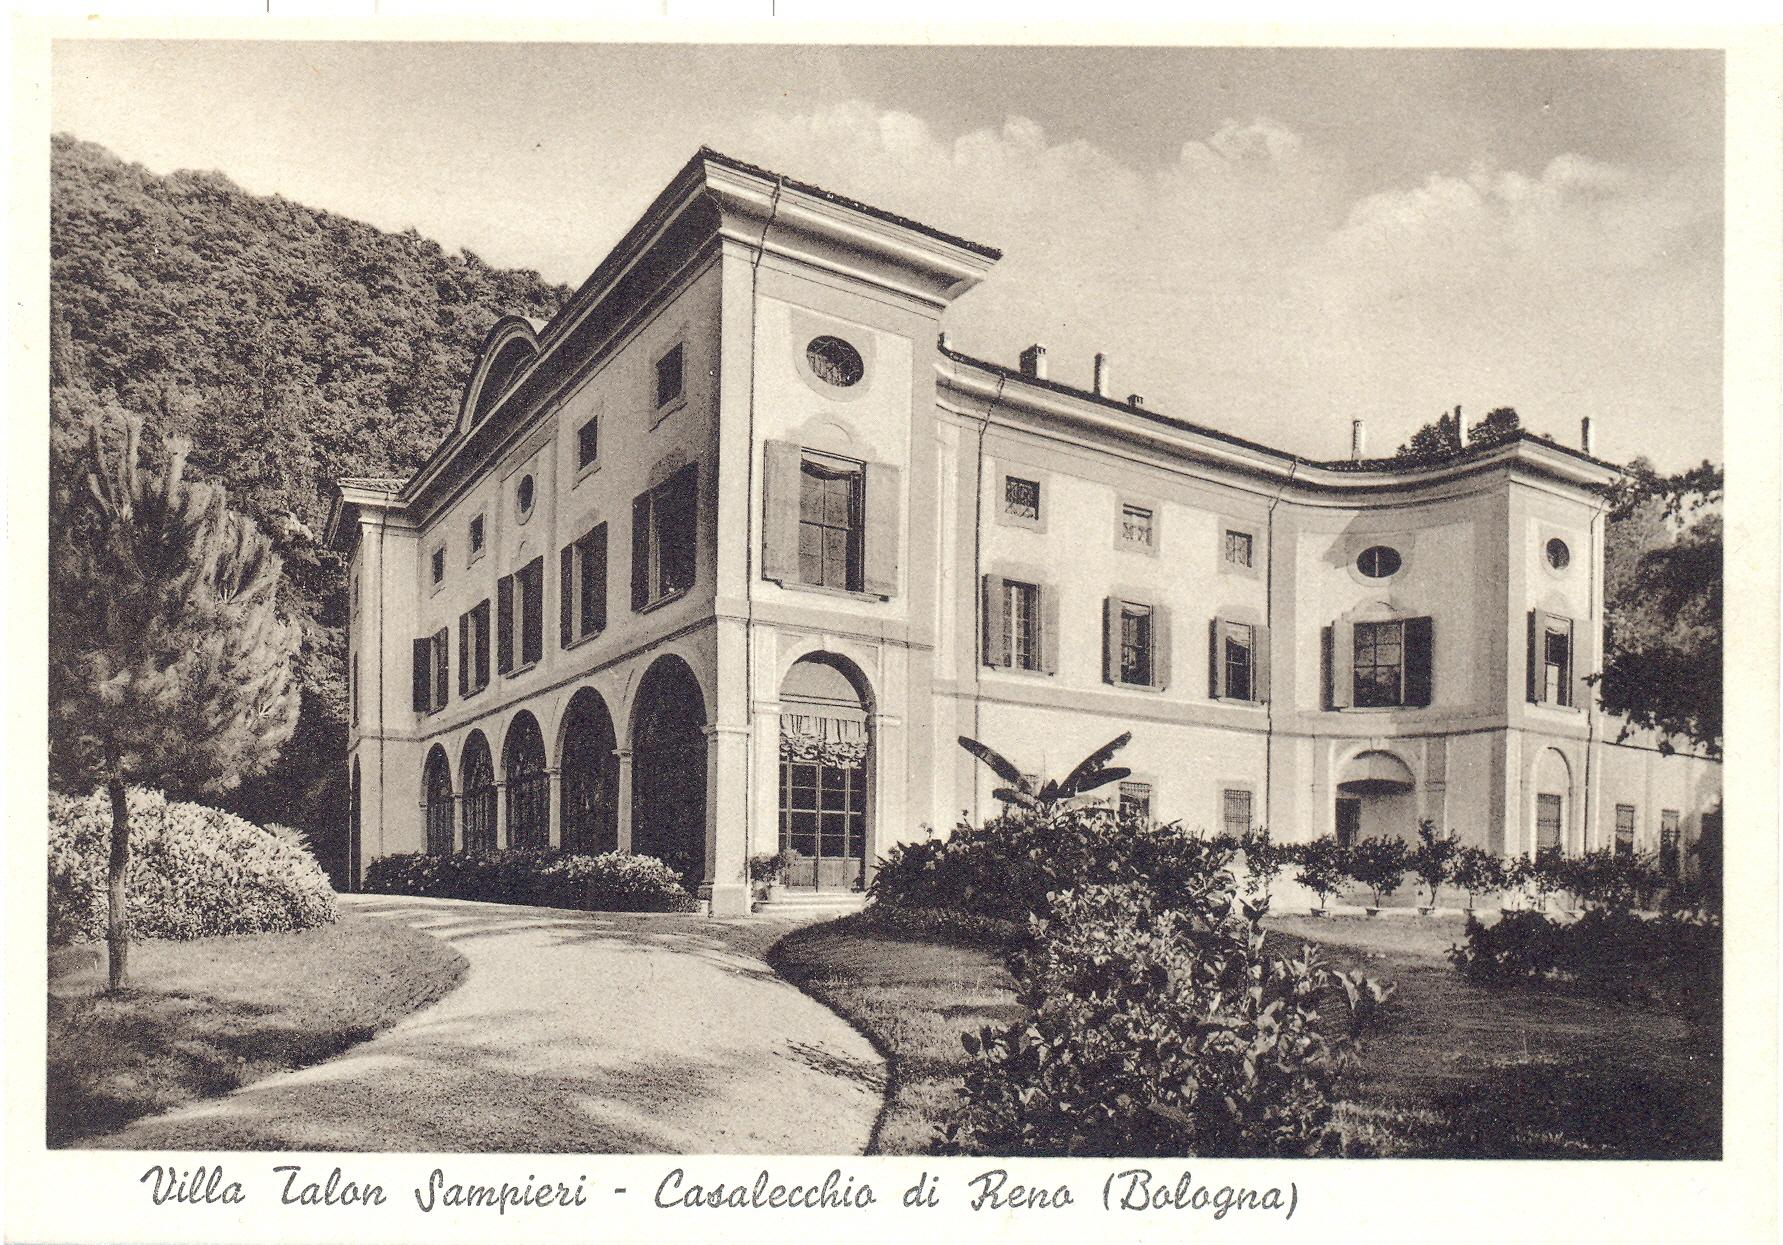 La villa Sampieri Talon (Archivio fotografico Biblioteca C. Pavese)